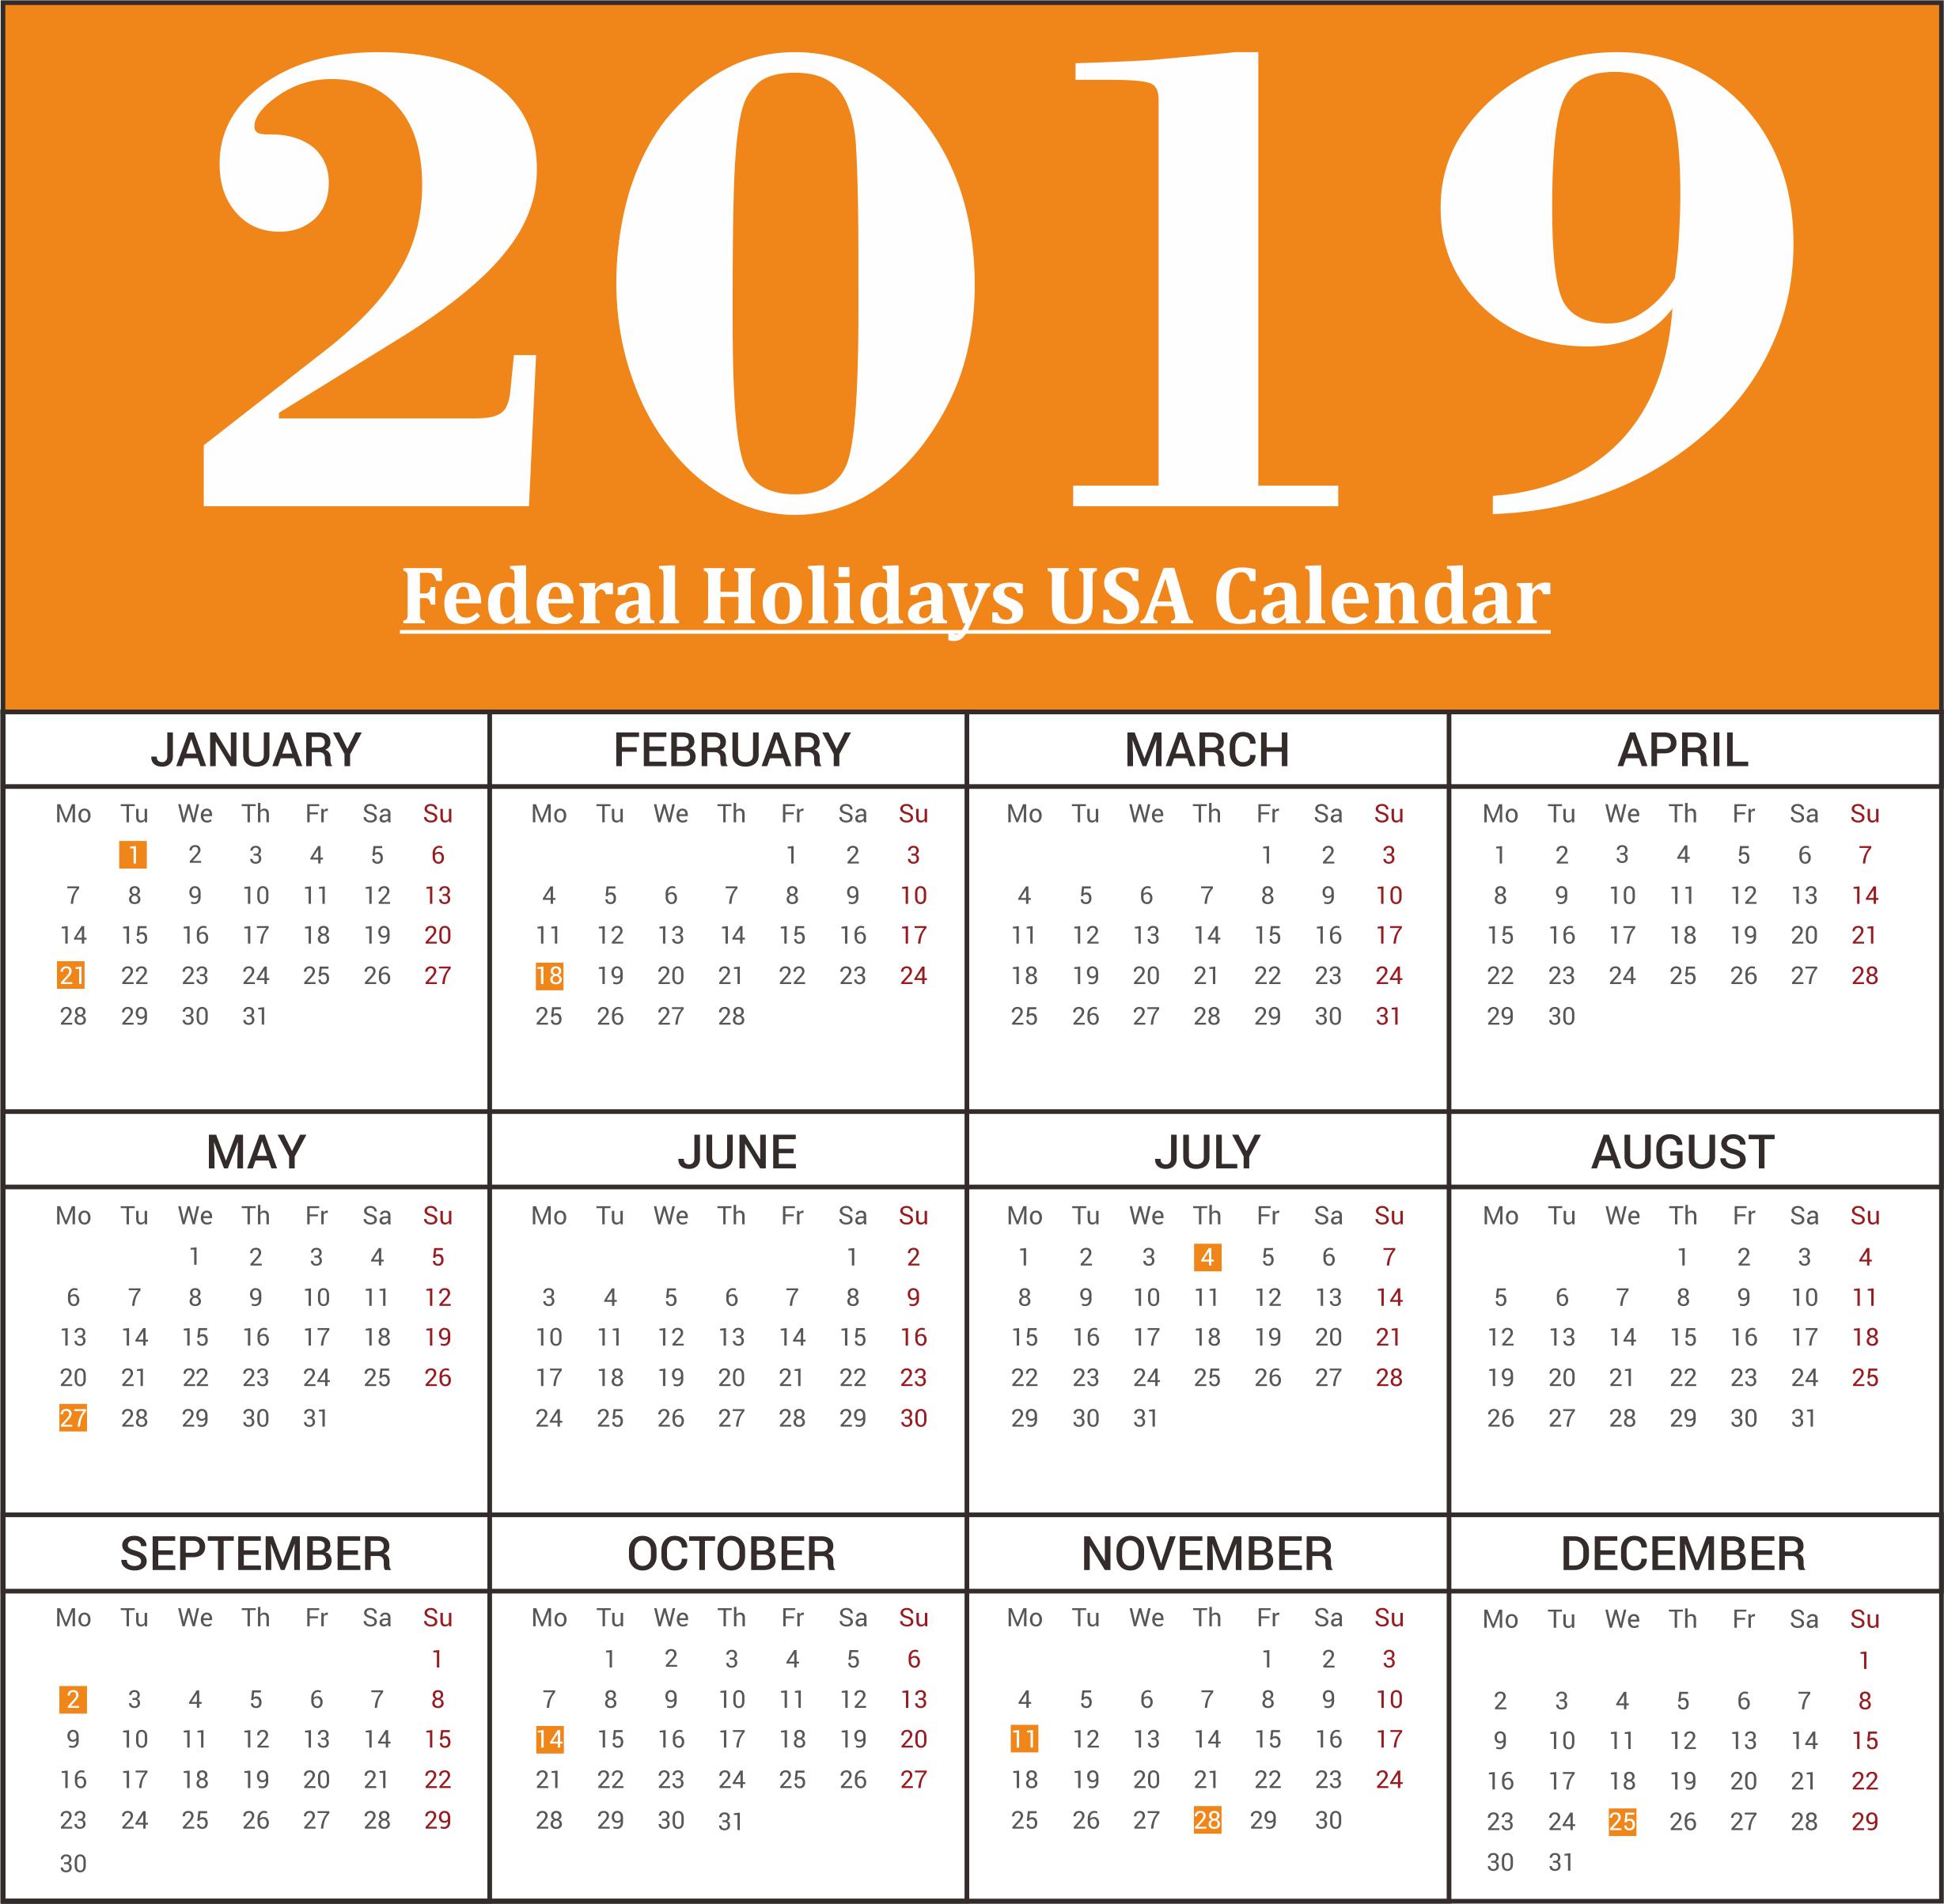 Free 2019 USA Federal Holidays Calendar